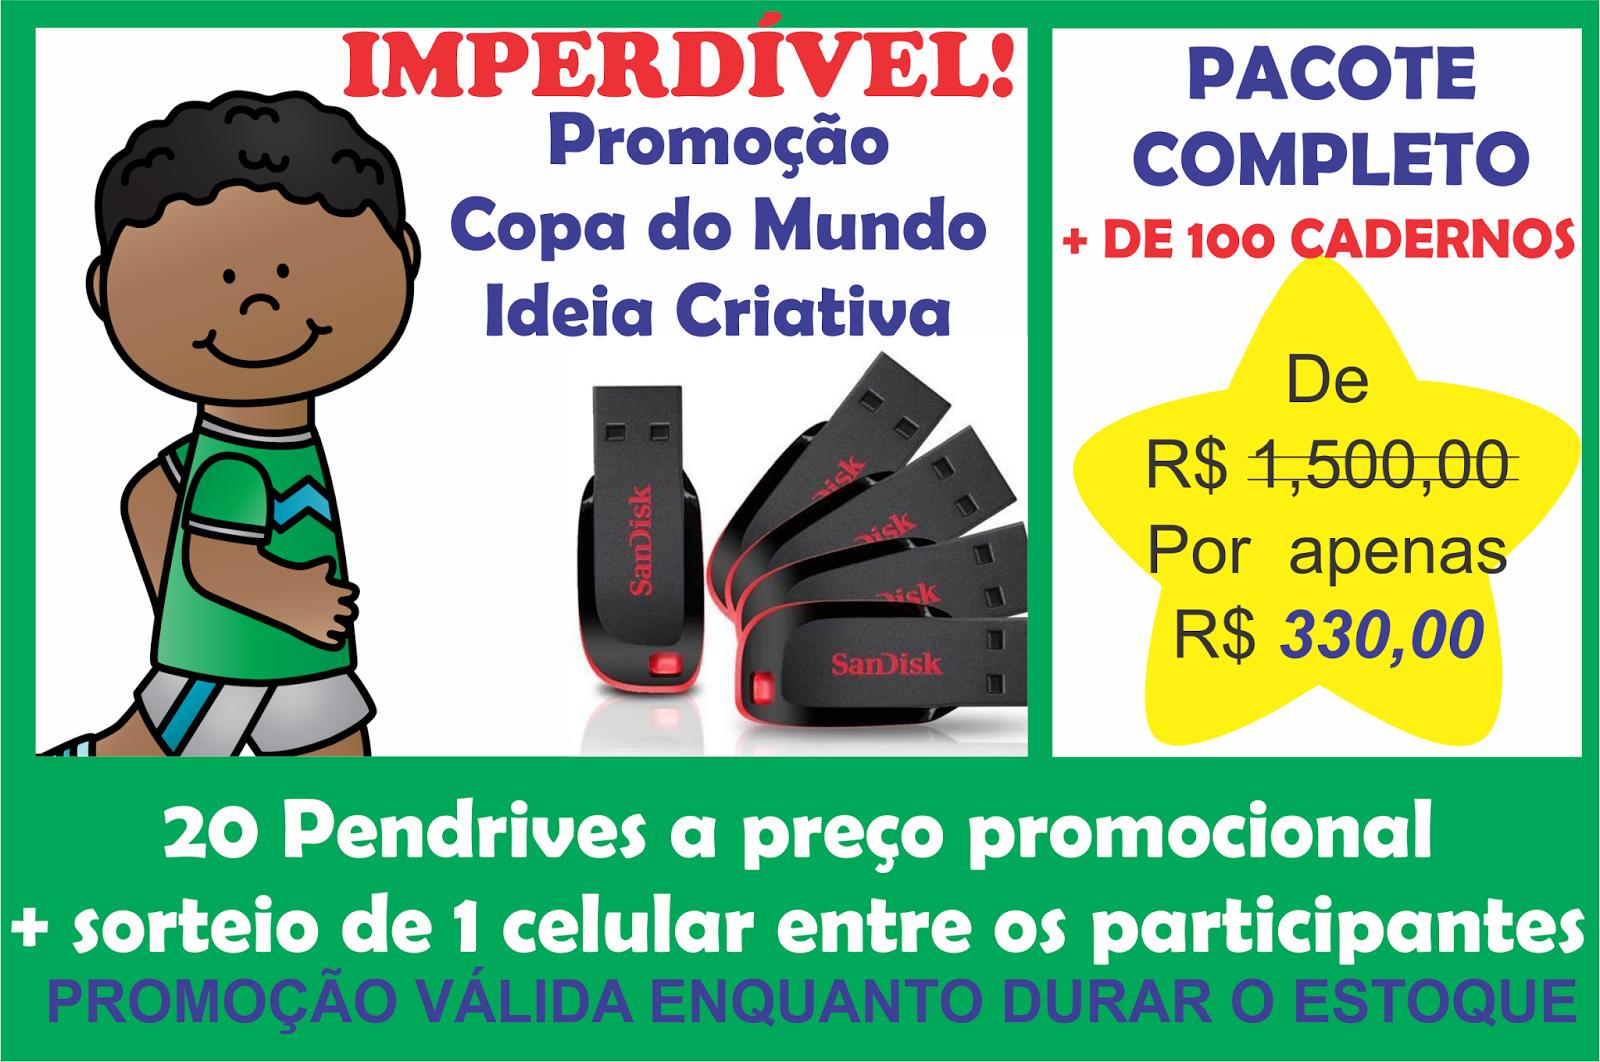 Promoção Copa do Mundo Pacote Completo Ideia Criativa